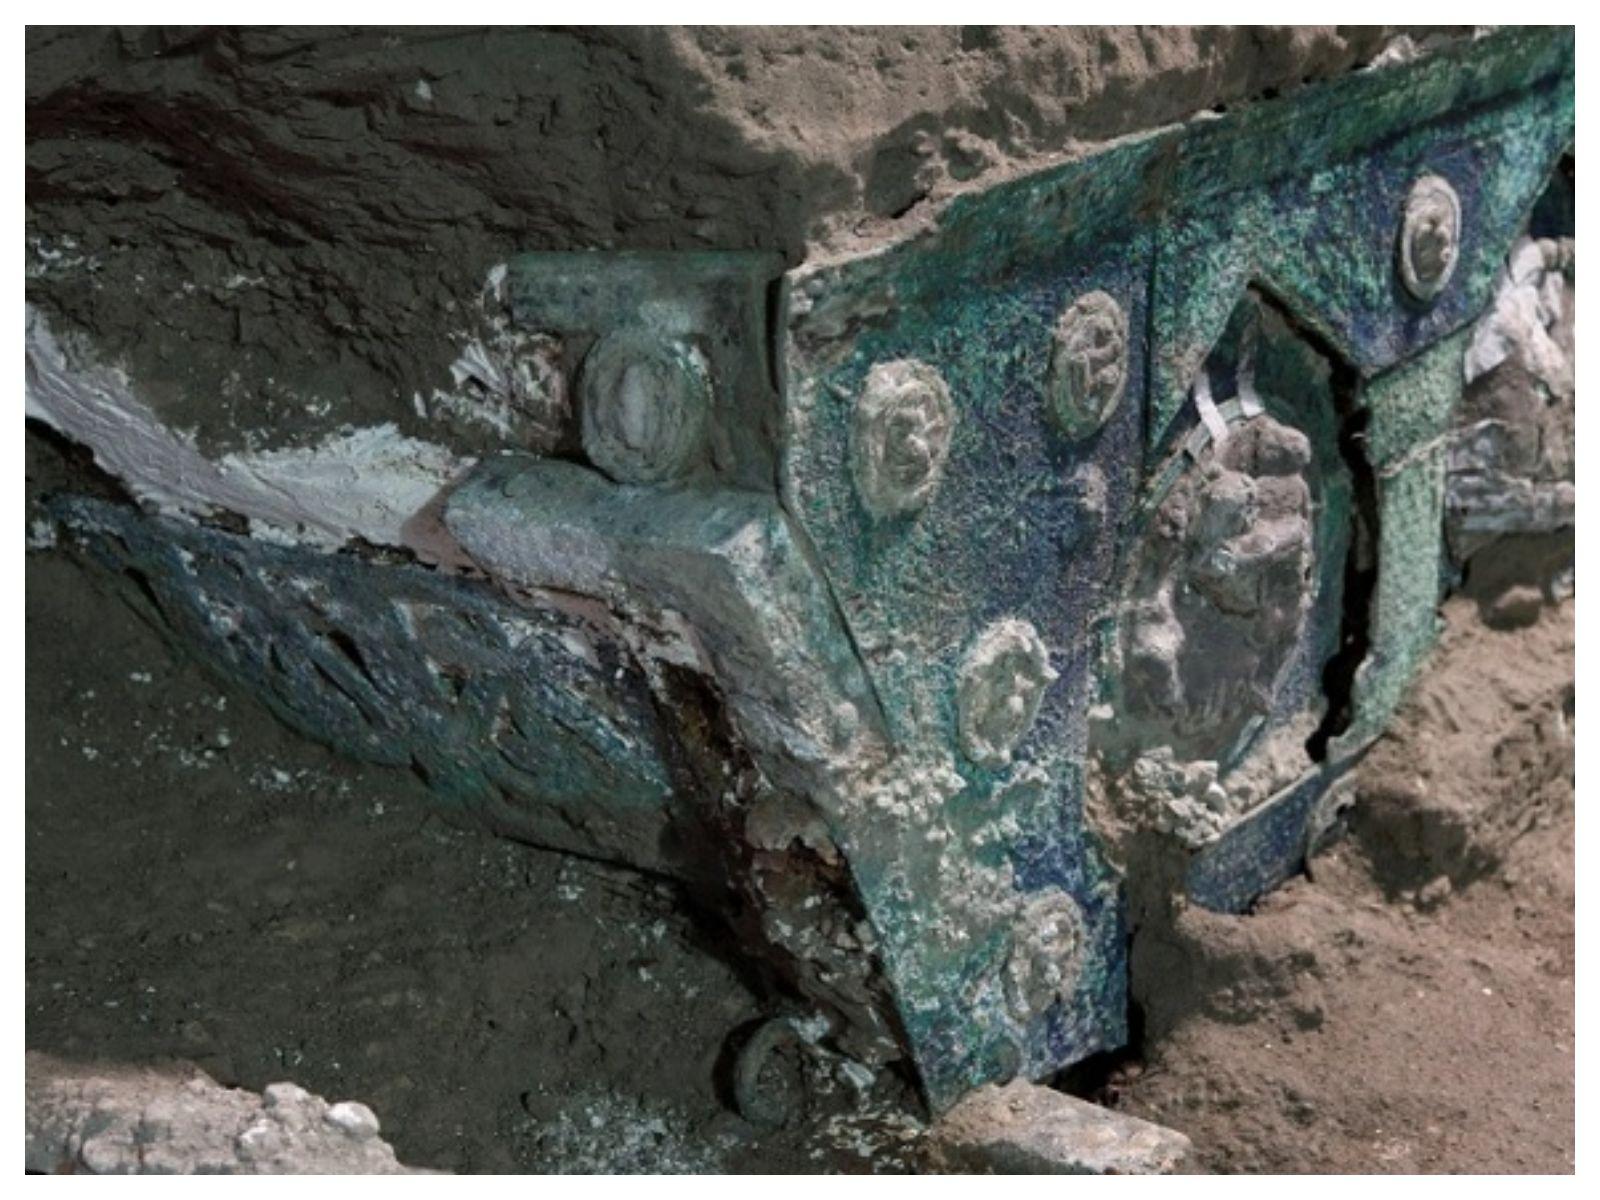 Geger, Penemuan Kereta Romawi Kuno Utuh di Italia, Ini Faktanya